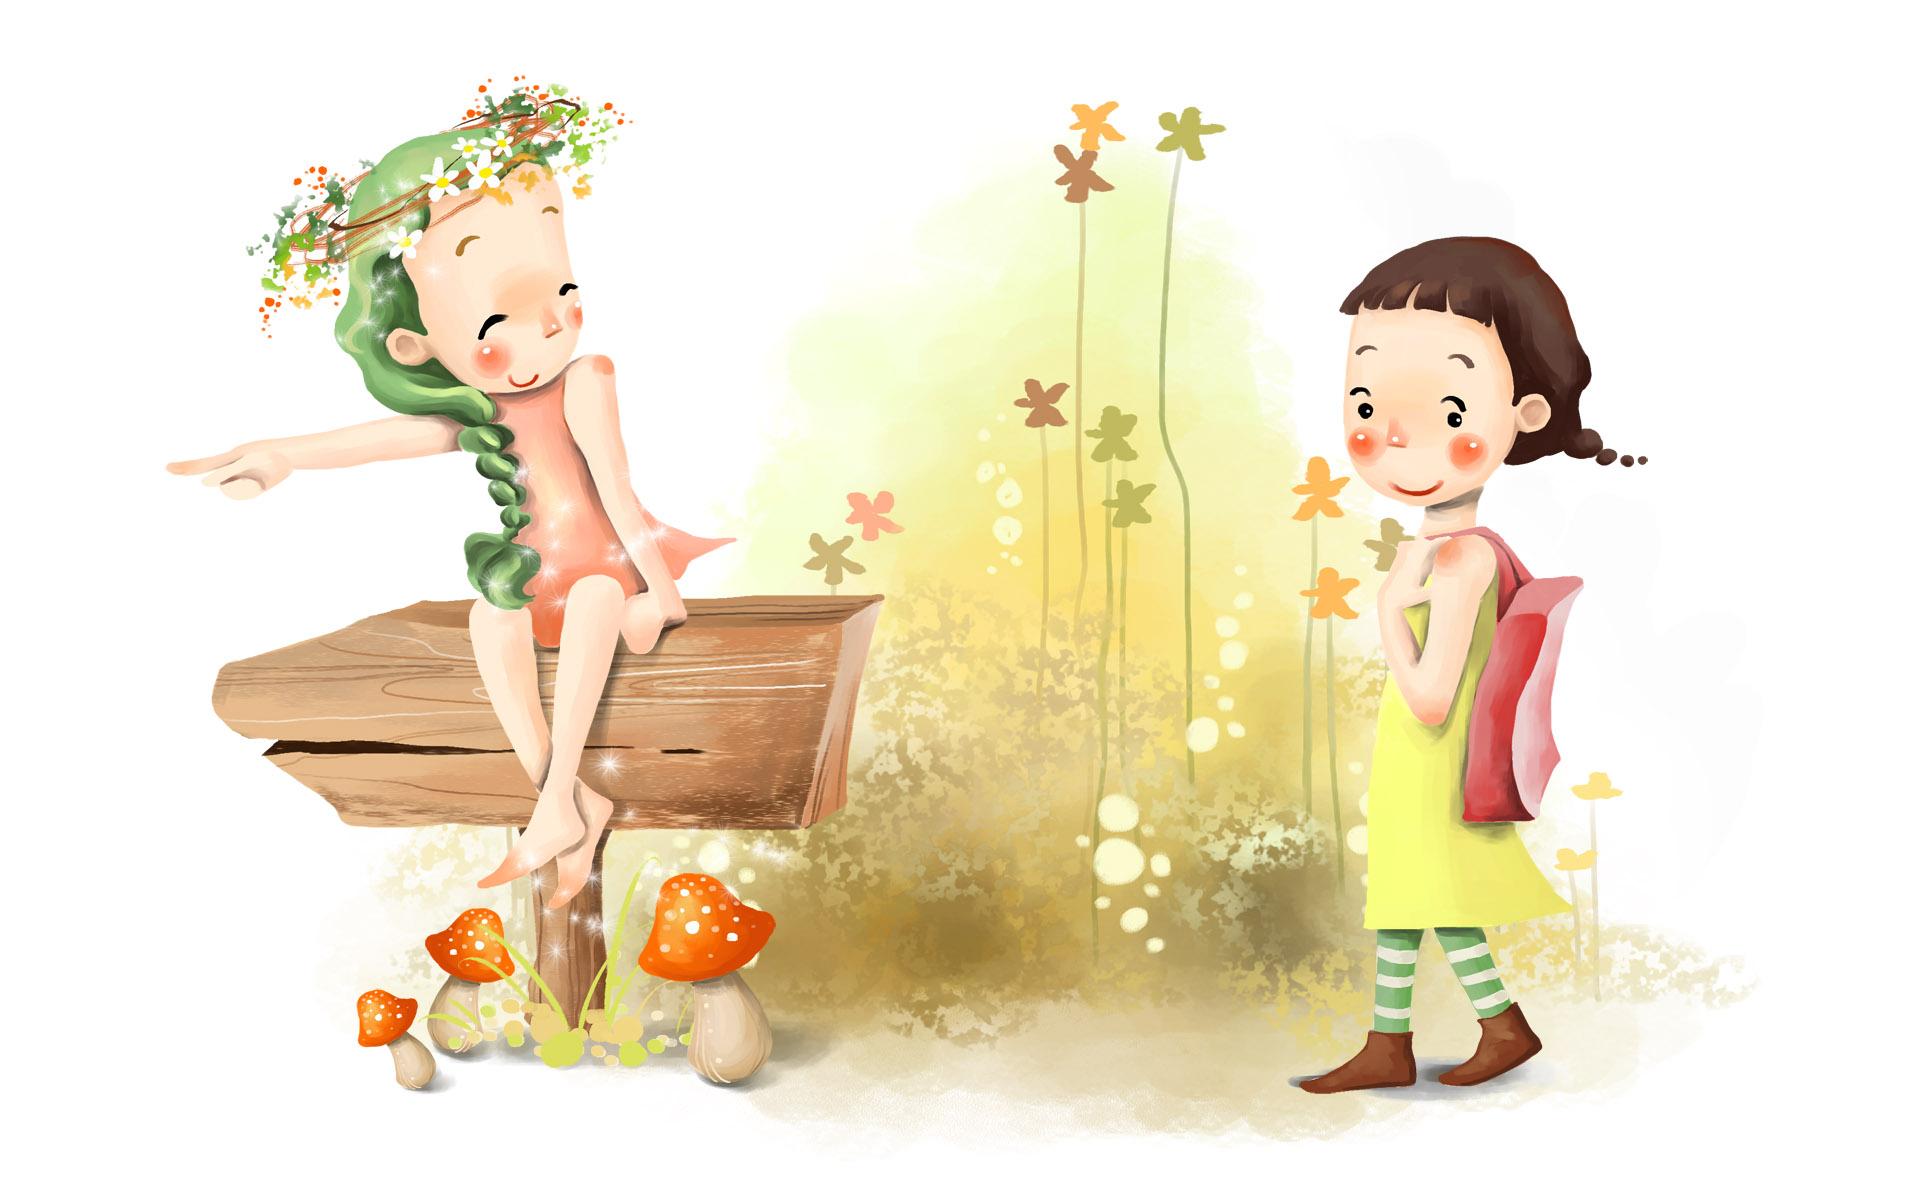 изображение детей обои для рабочего стола № 566905 бесплатно